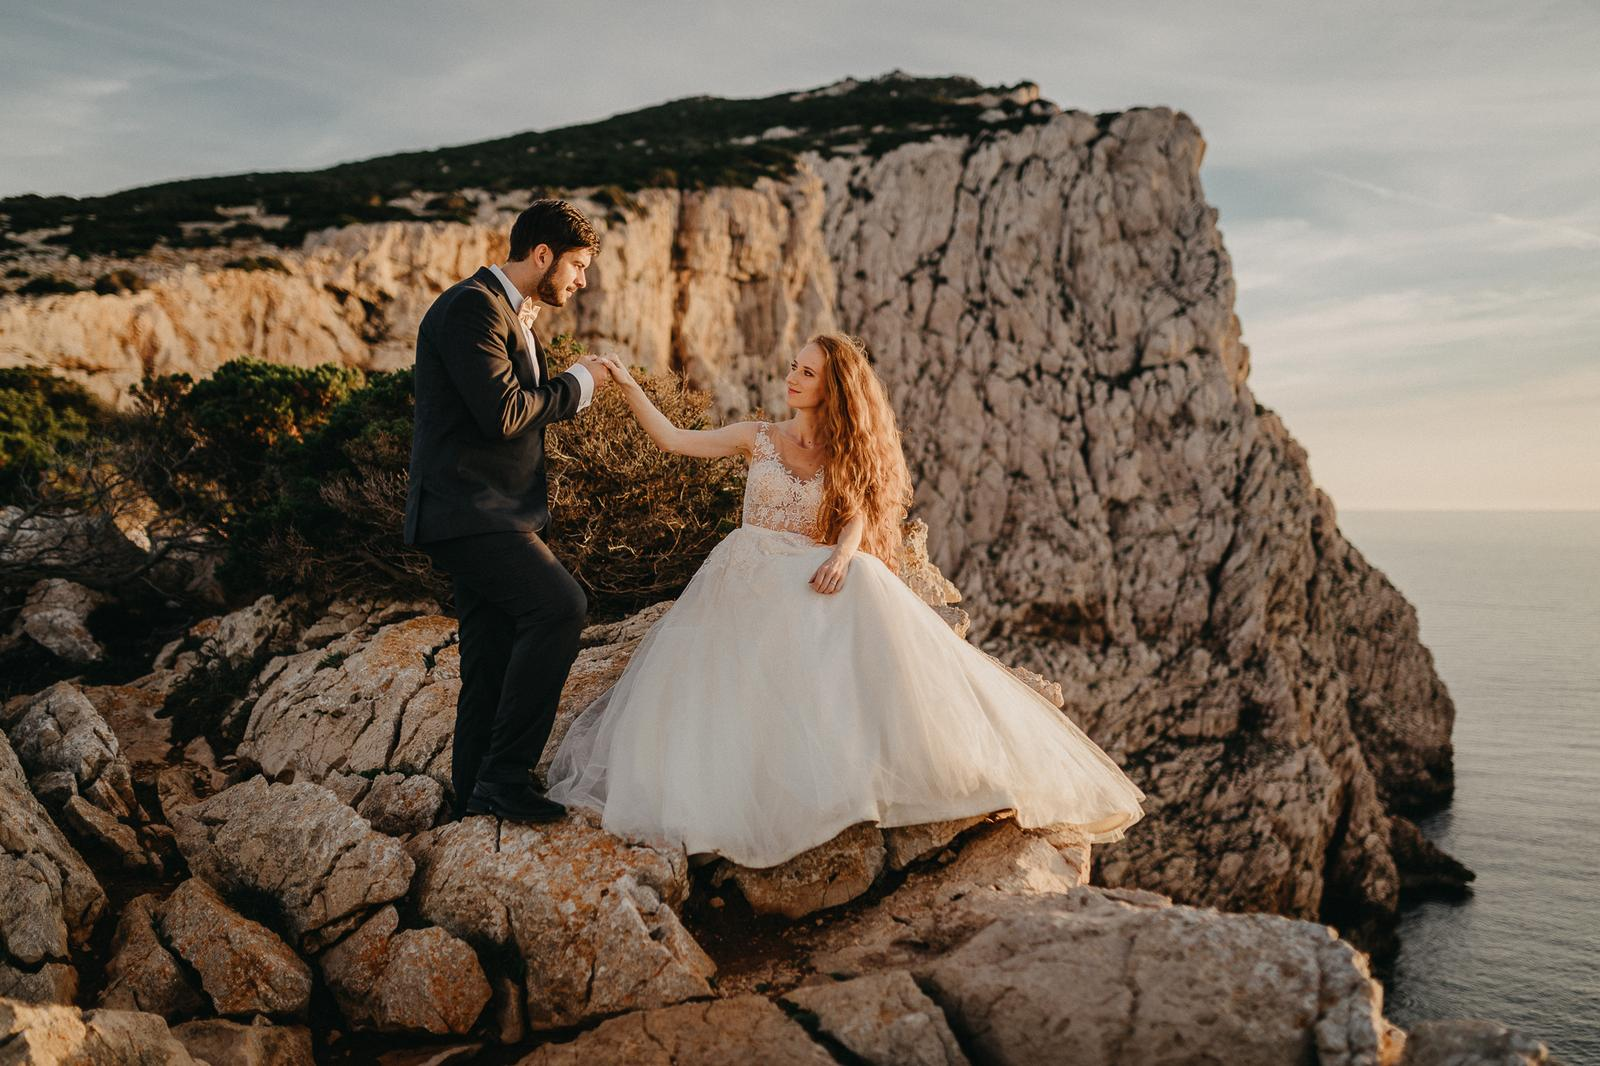 Naše svadobné fotenie na Sardínii - Obrázok č. 91